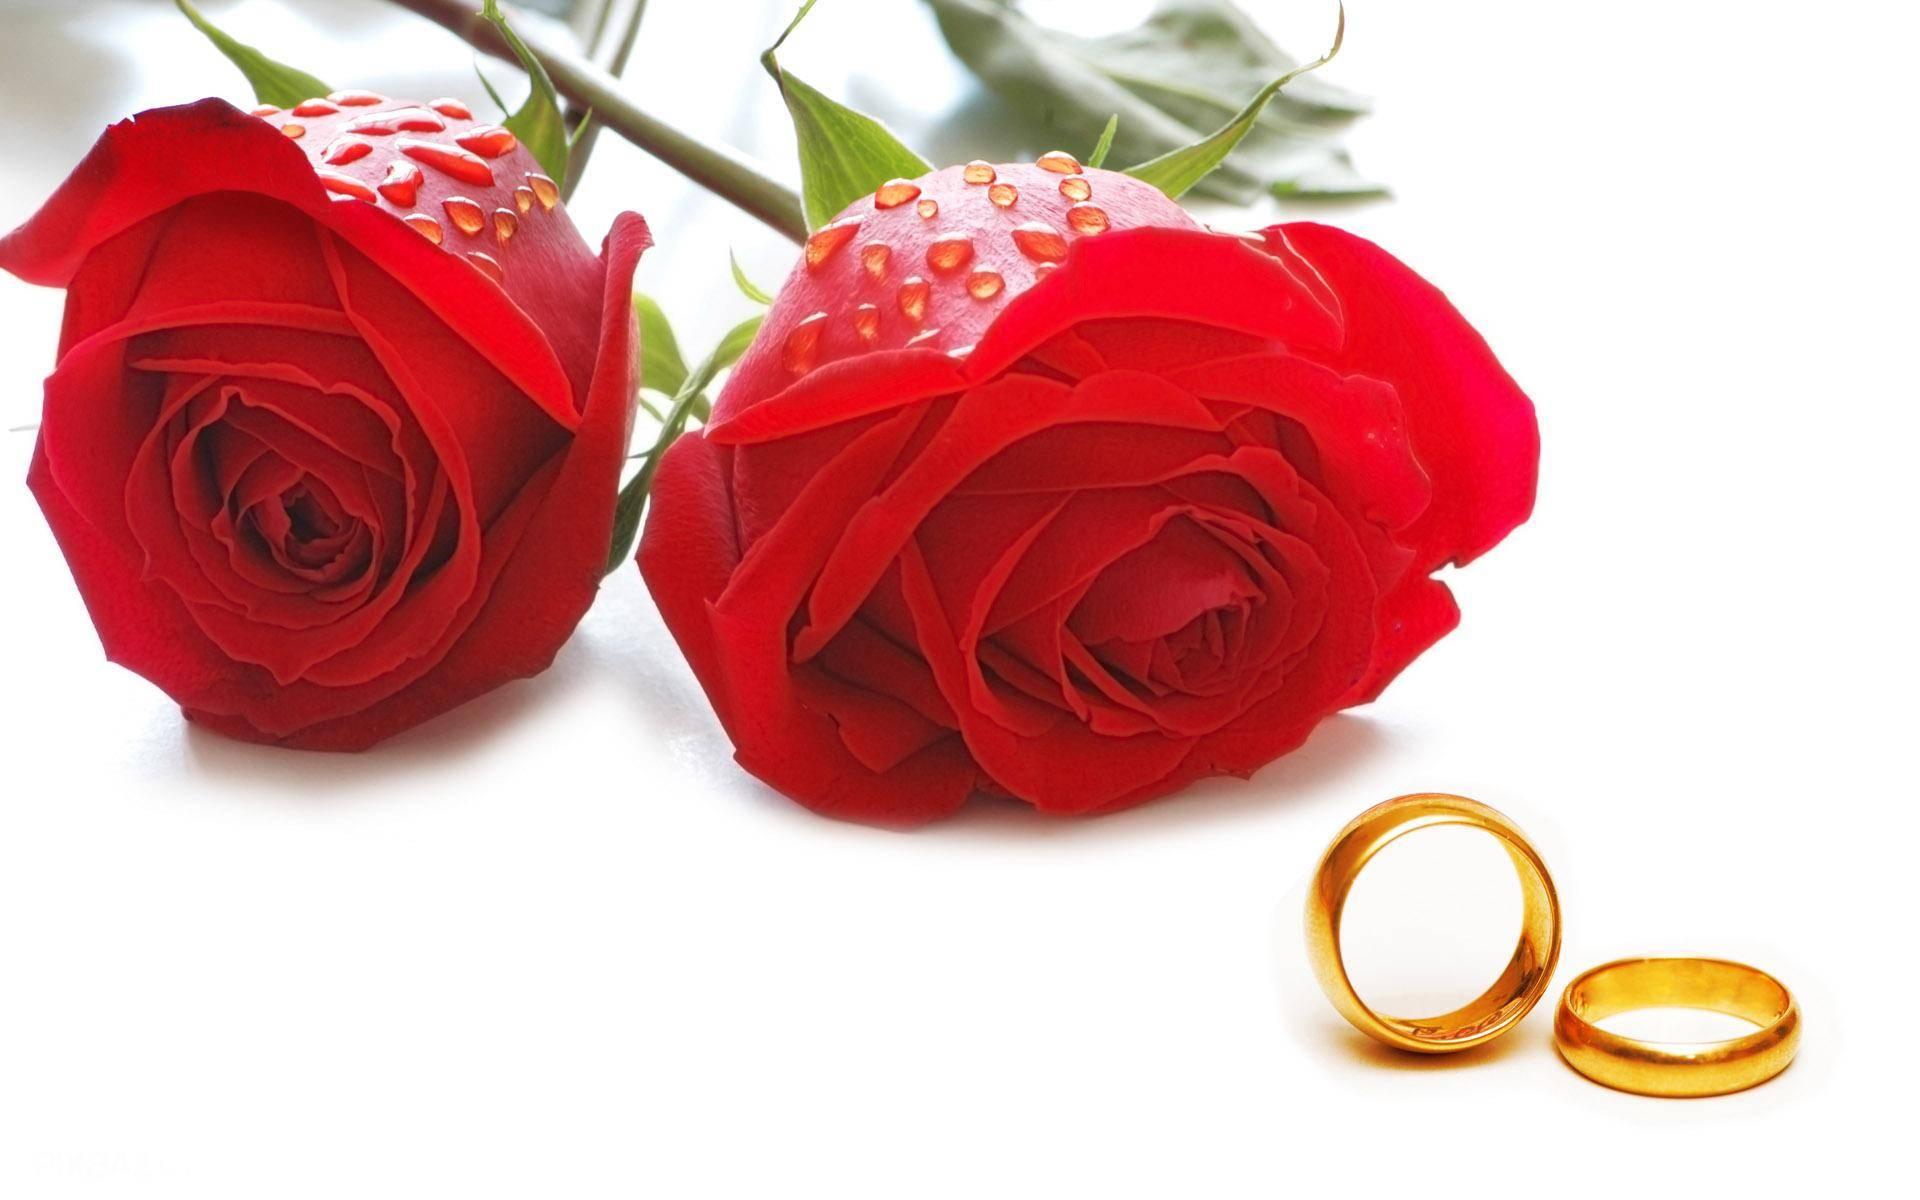 رمزگشایی از زندگی زوج های موفق/ شاد زیستن شاه کلید خوشبختی است